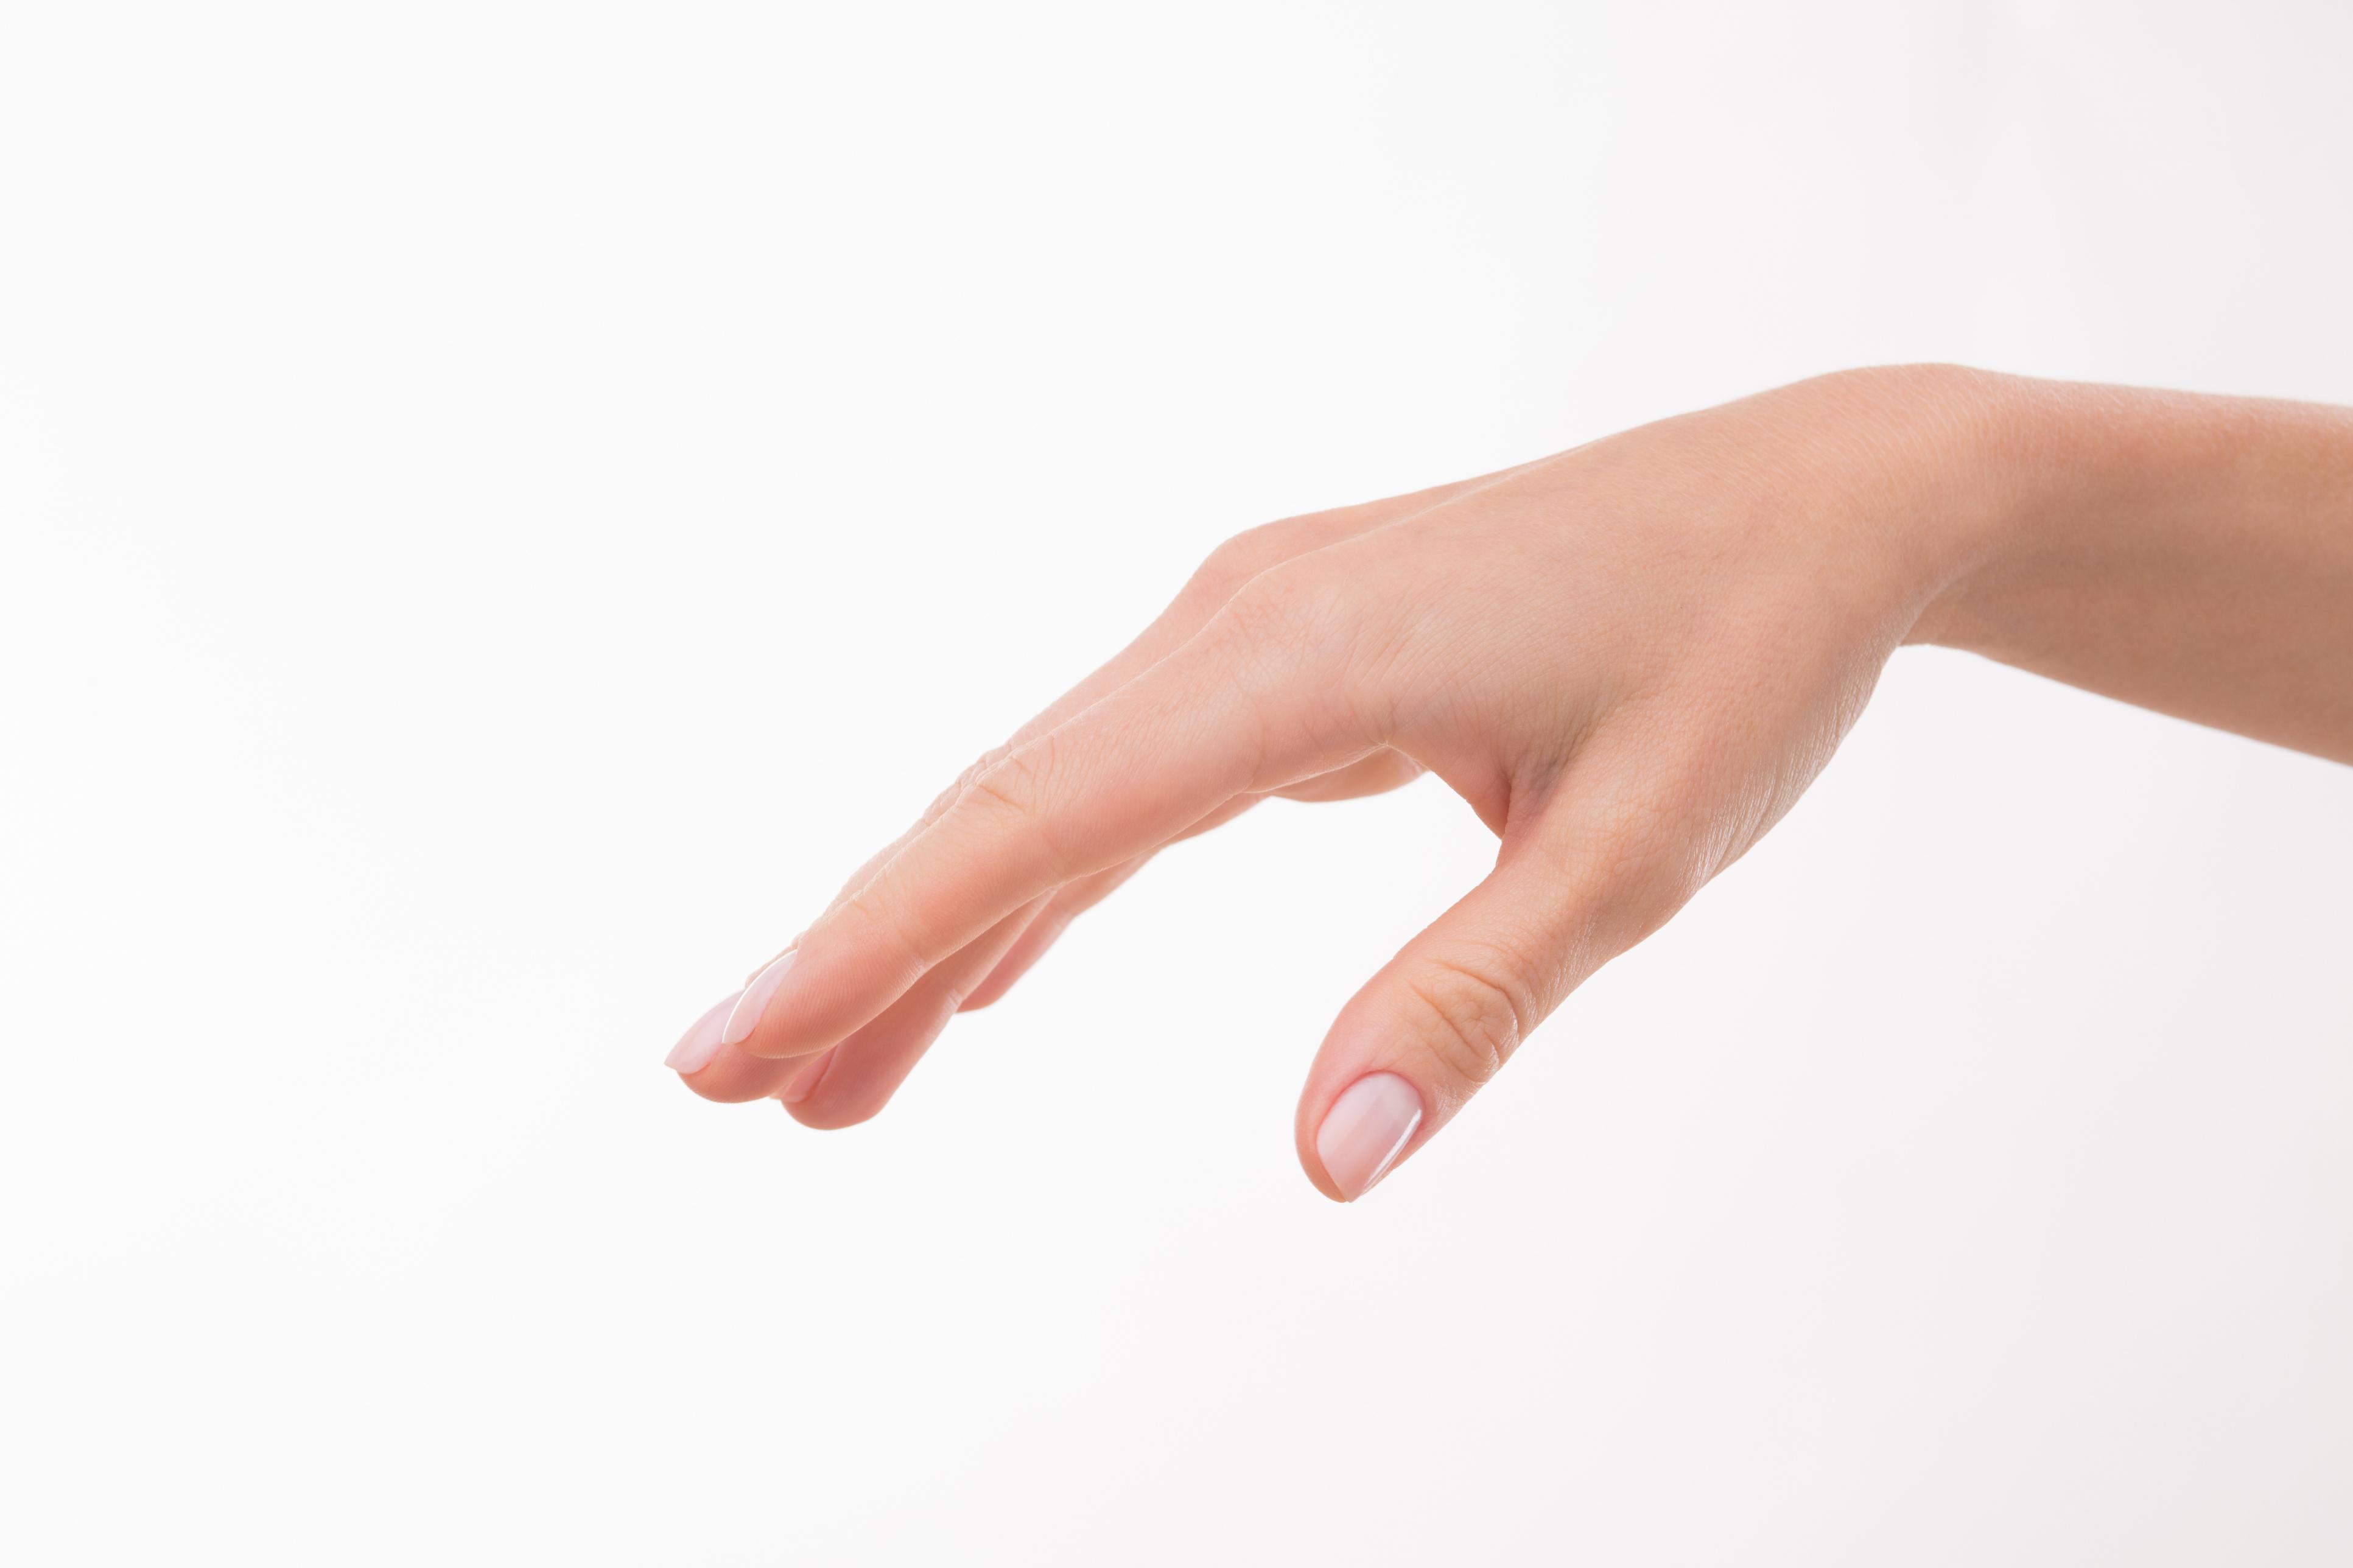 Os métodos naturais que eliminam as inestéticas manchas nas unhas